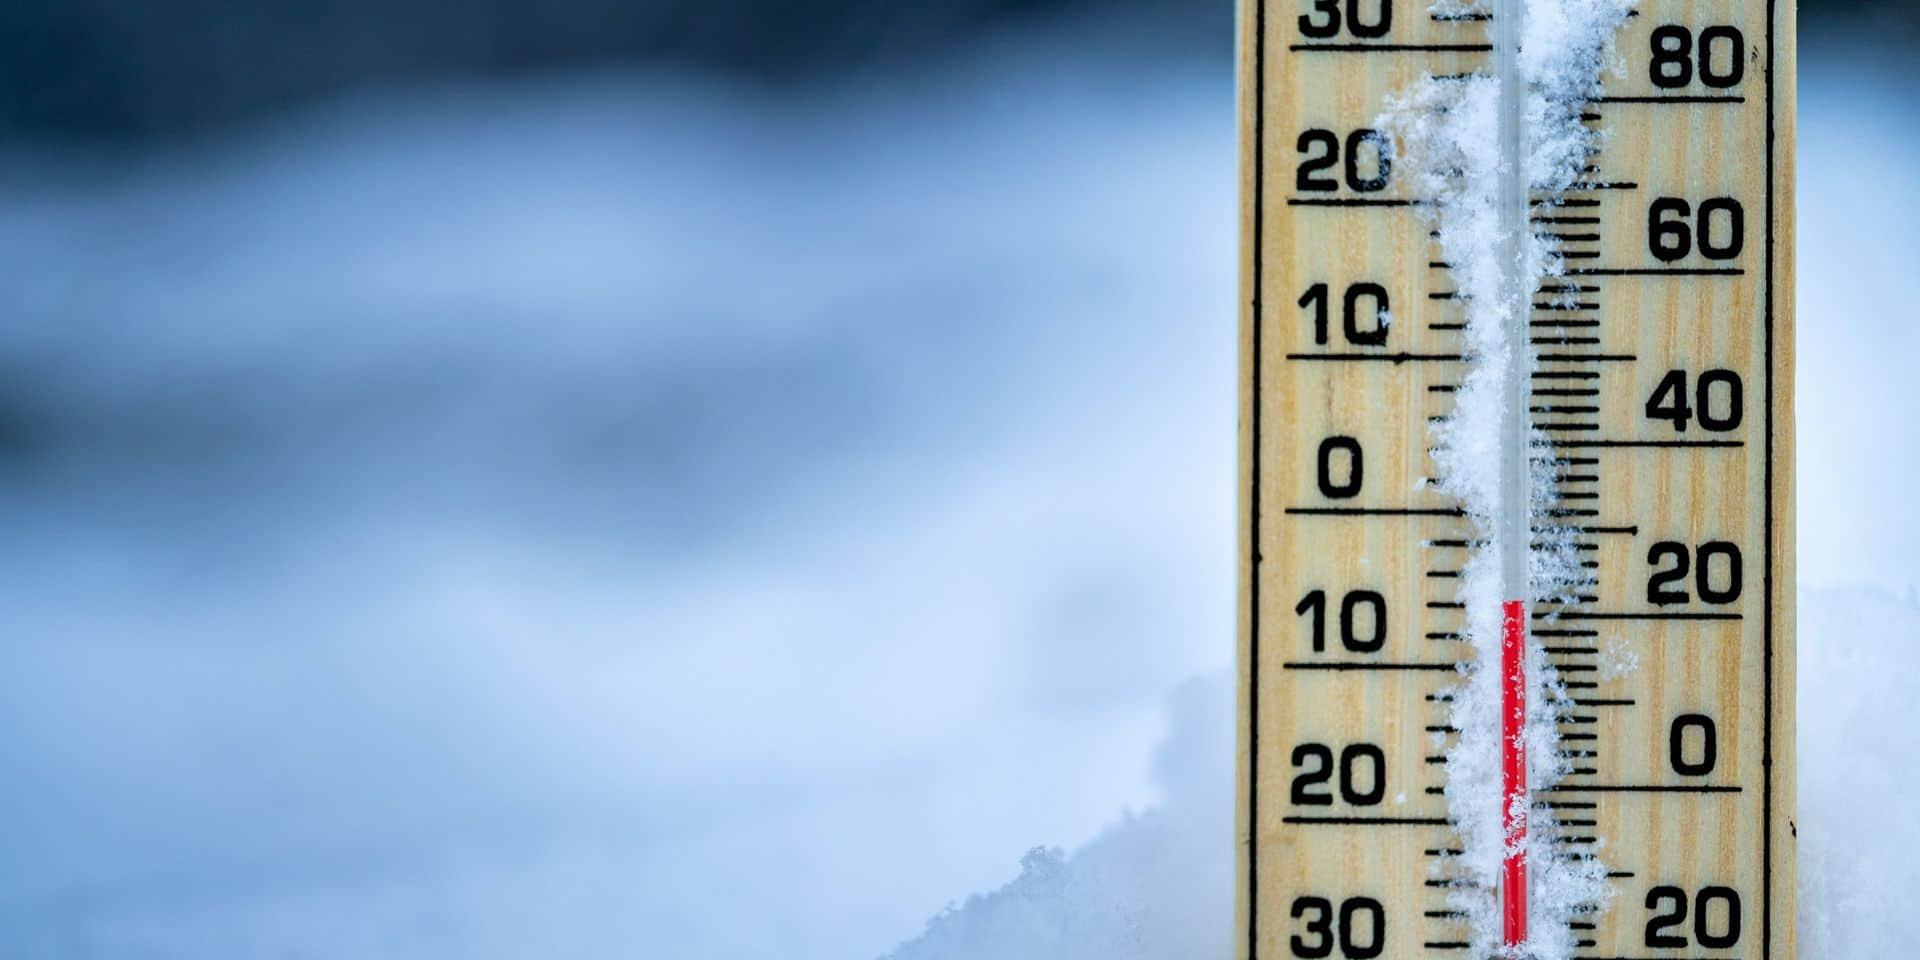 Avril 2021, le plus froid depuis 35 ans: 7,3 degrés en moyenne